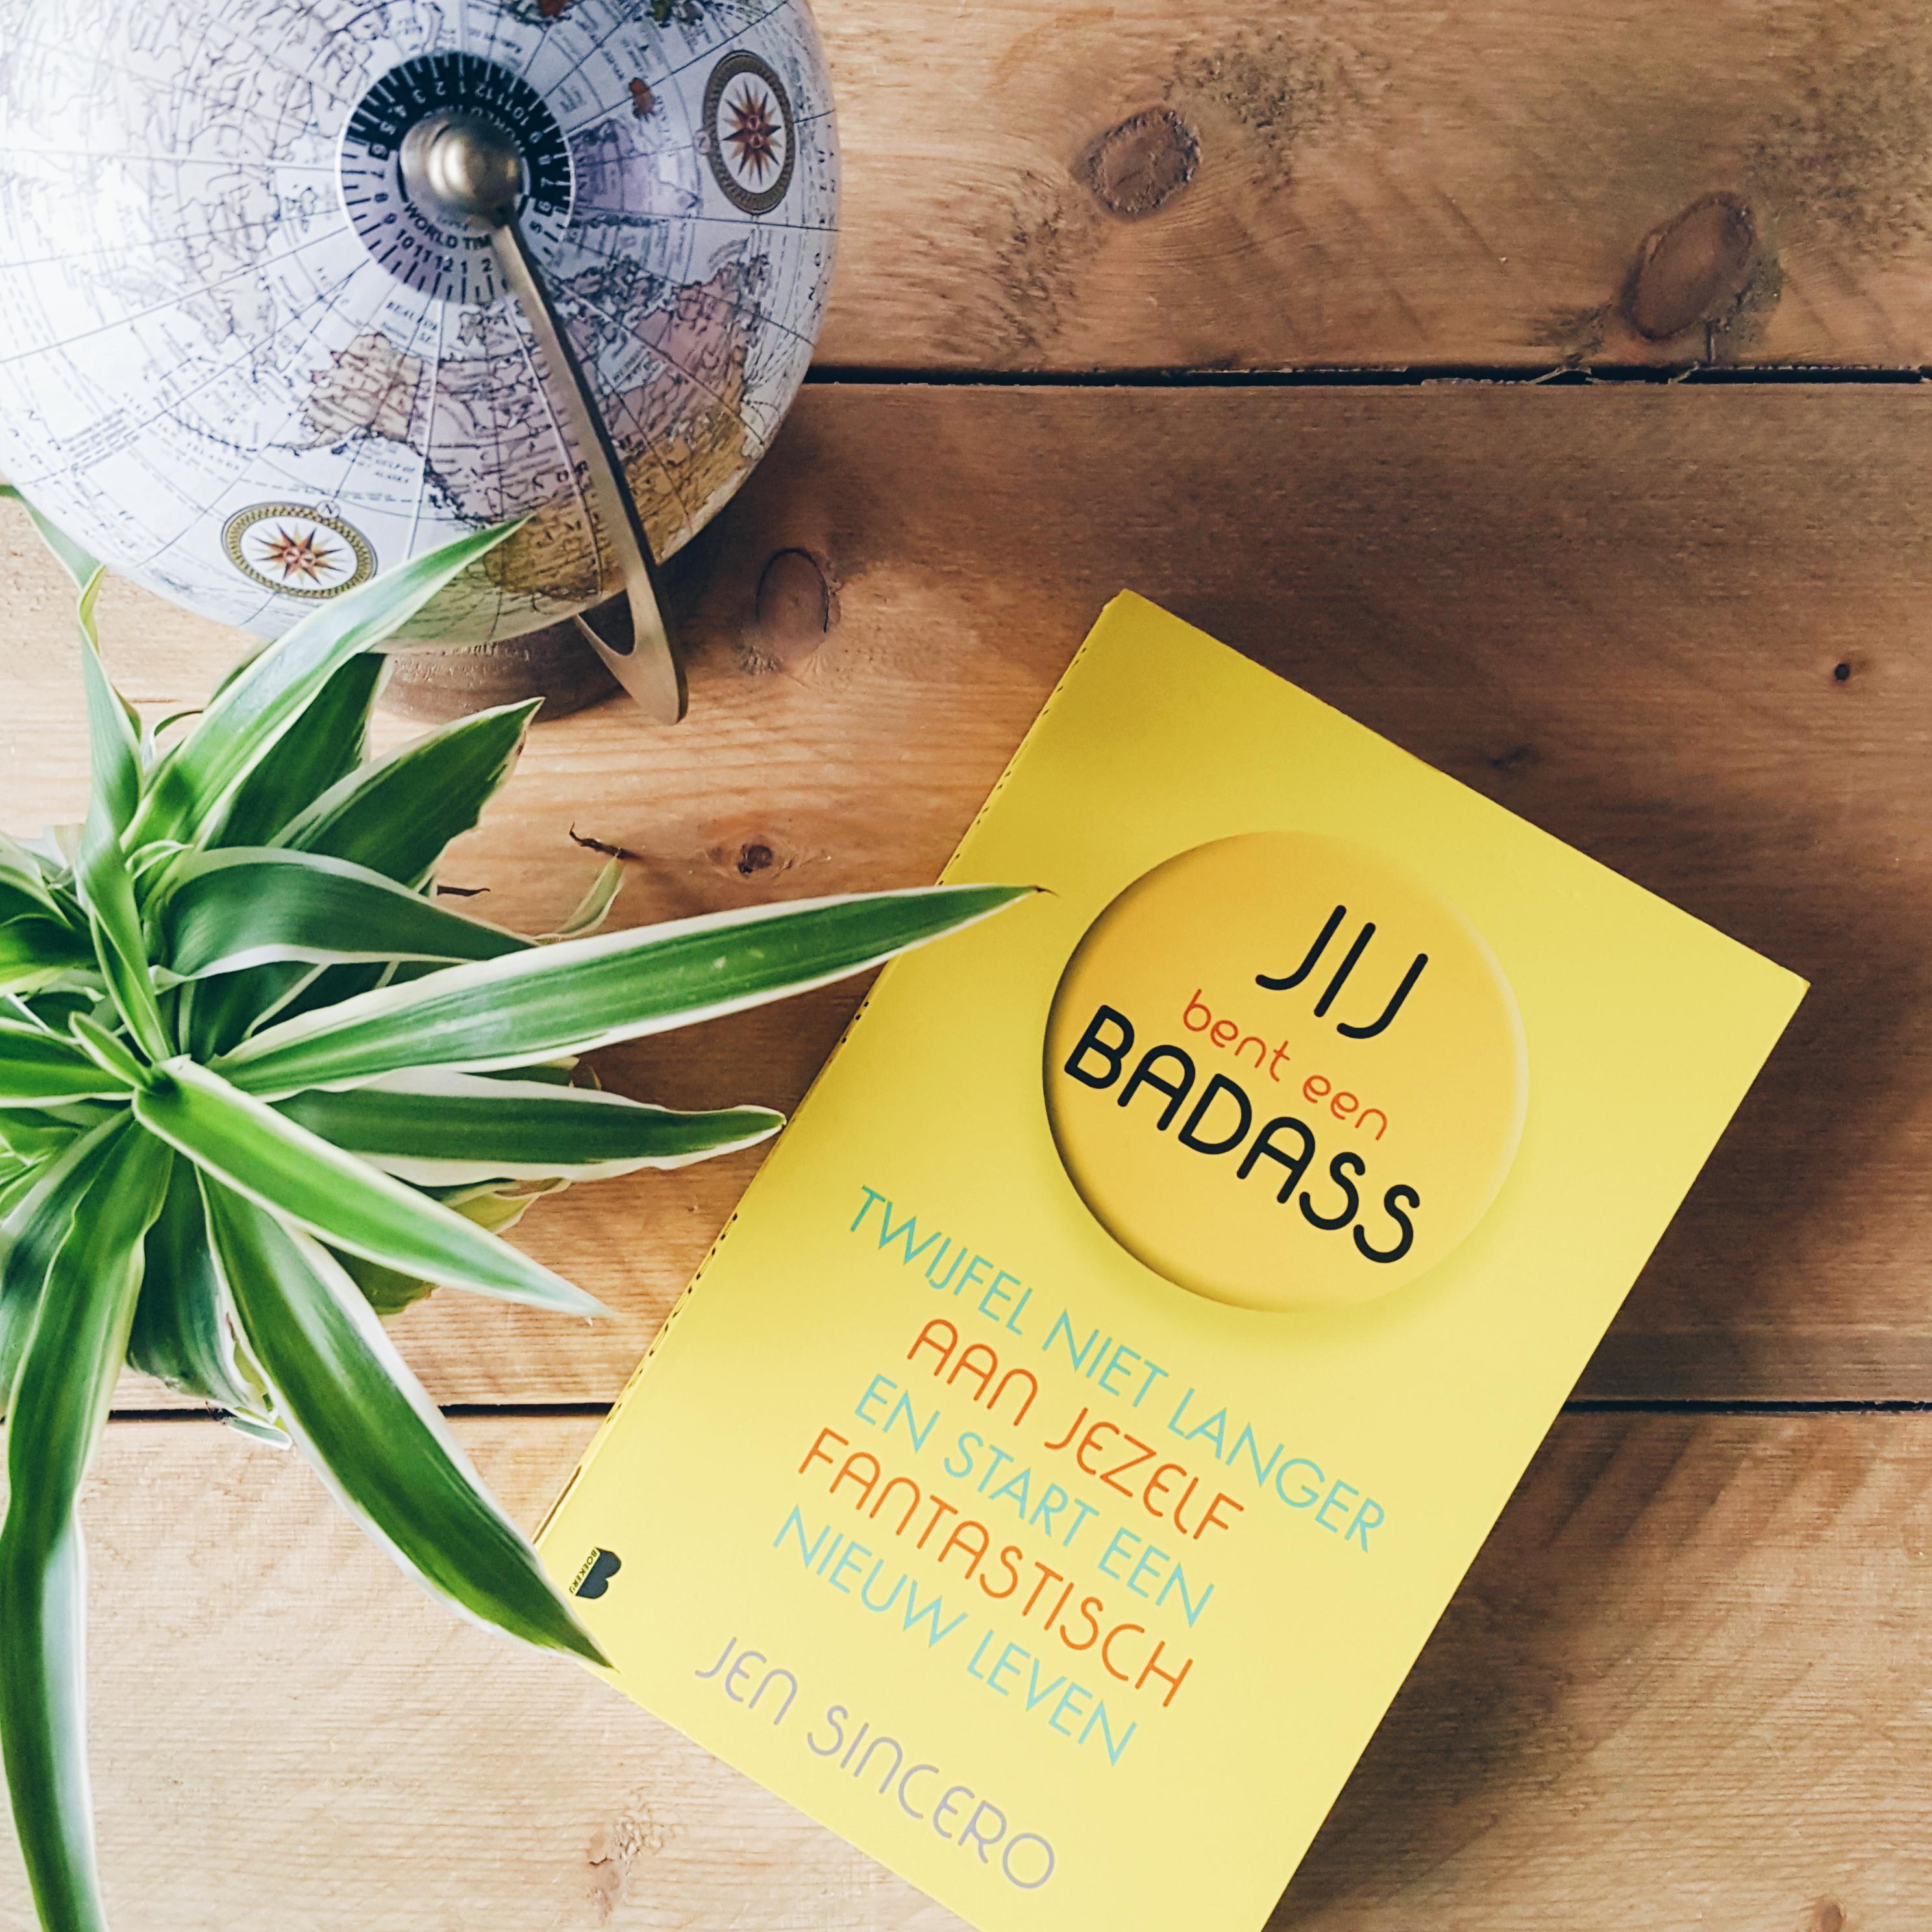 Jij bent een badass van Jen Sincero – Beste zelfhulpboek ooit?